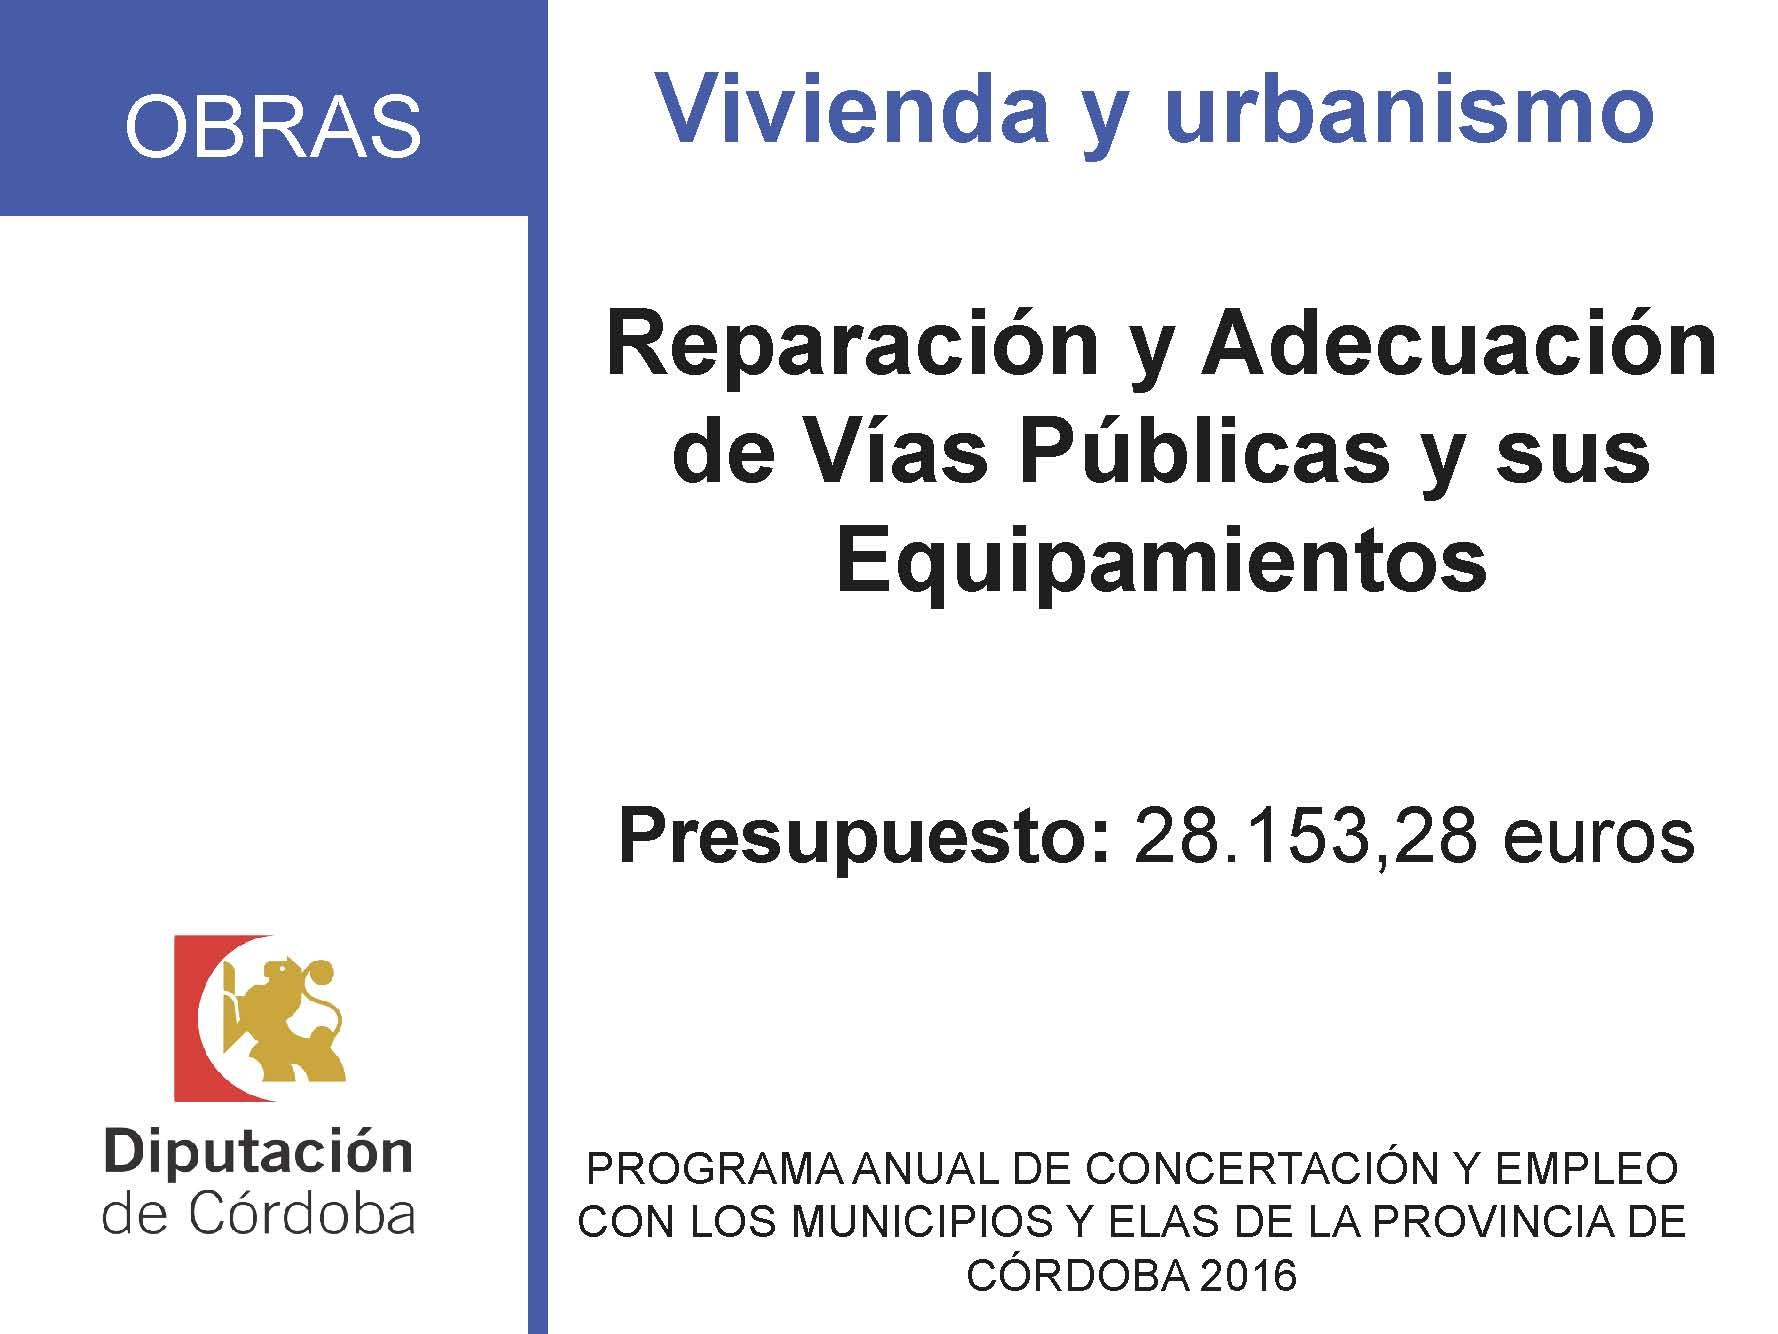 SUBVENCIONES RECIBIDAS. 2016 27